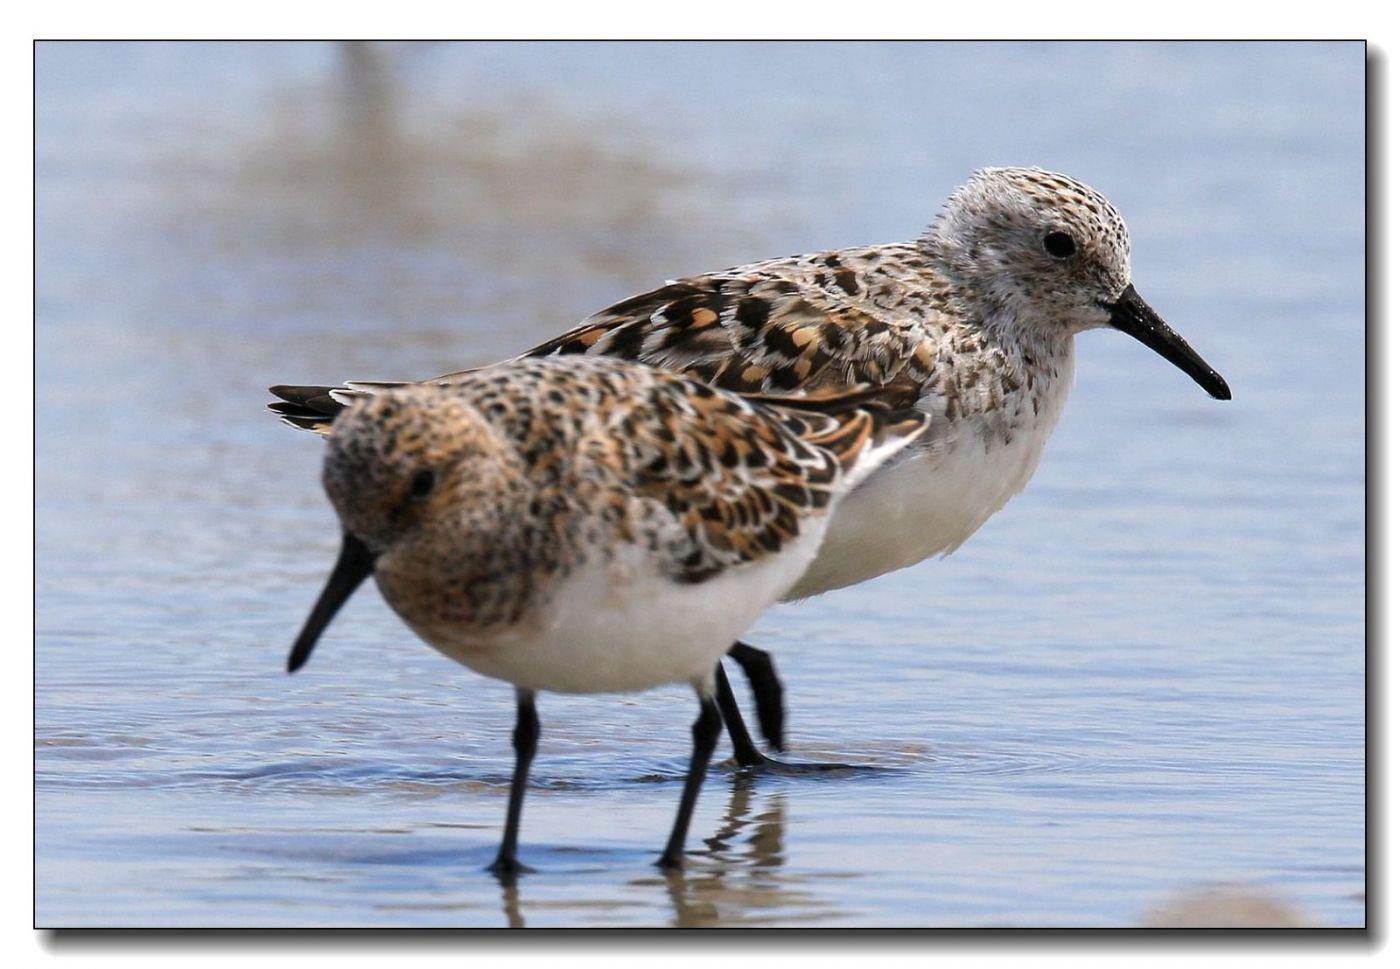 洛克威海滩拍鸟—滨鹬_图1-7